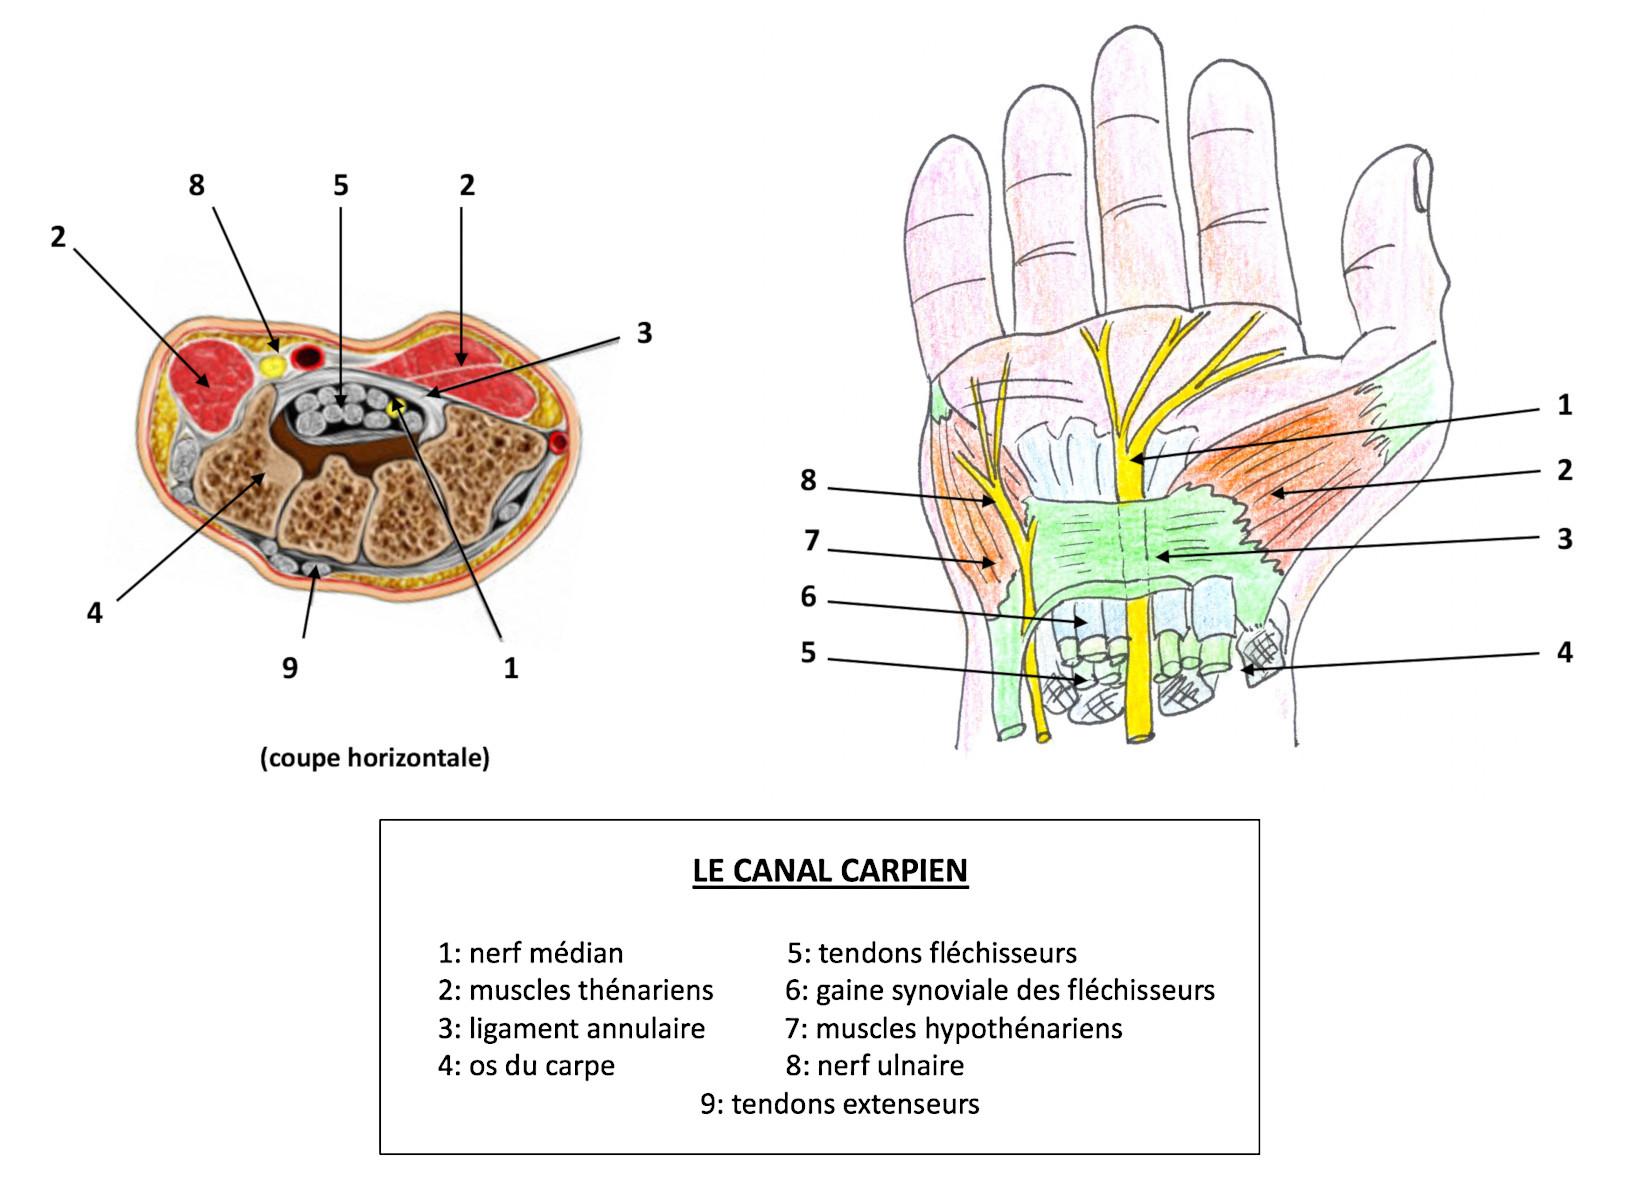 Anatomie du canal carpien